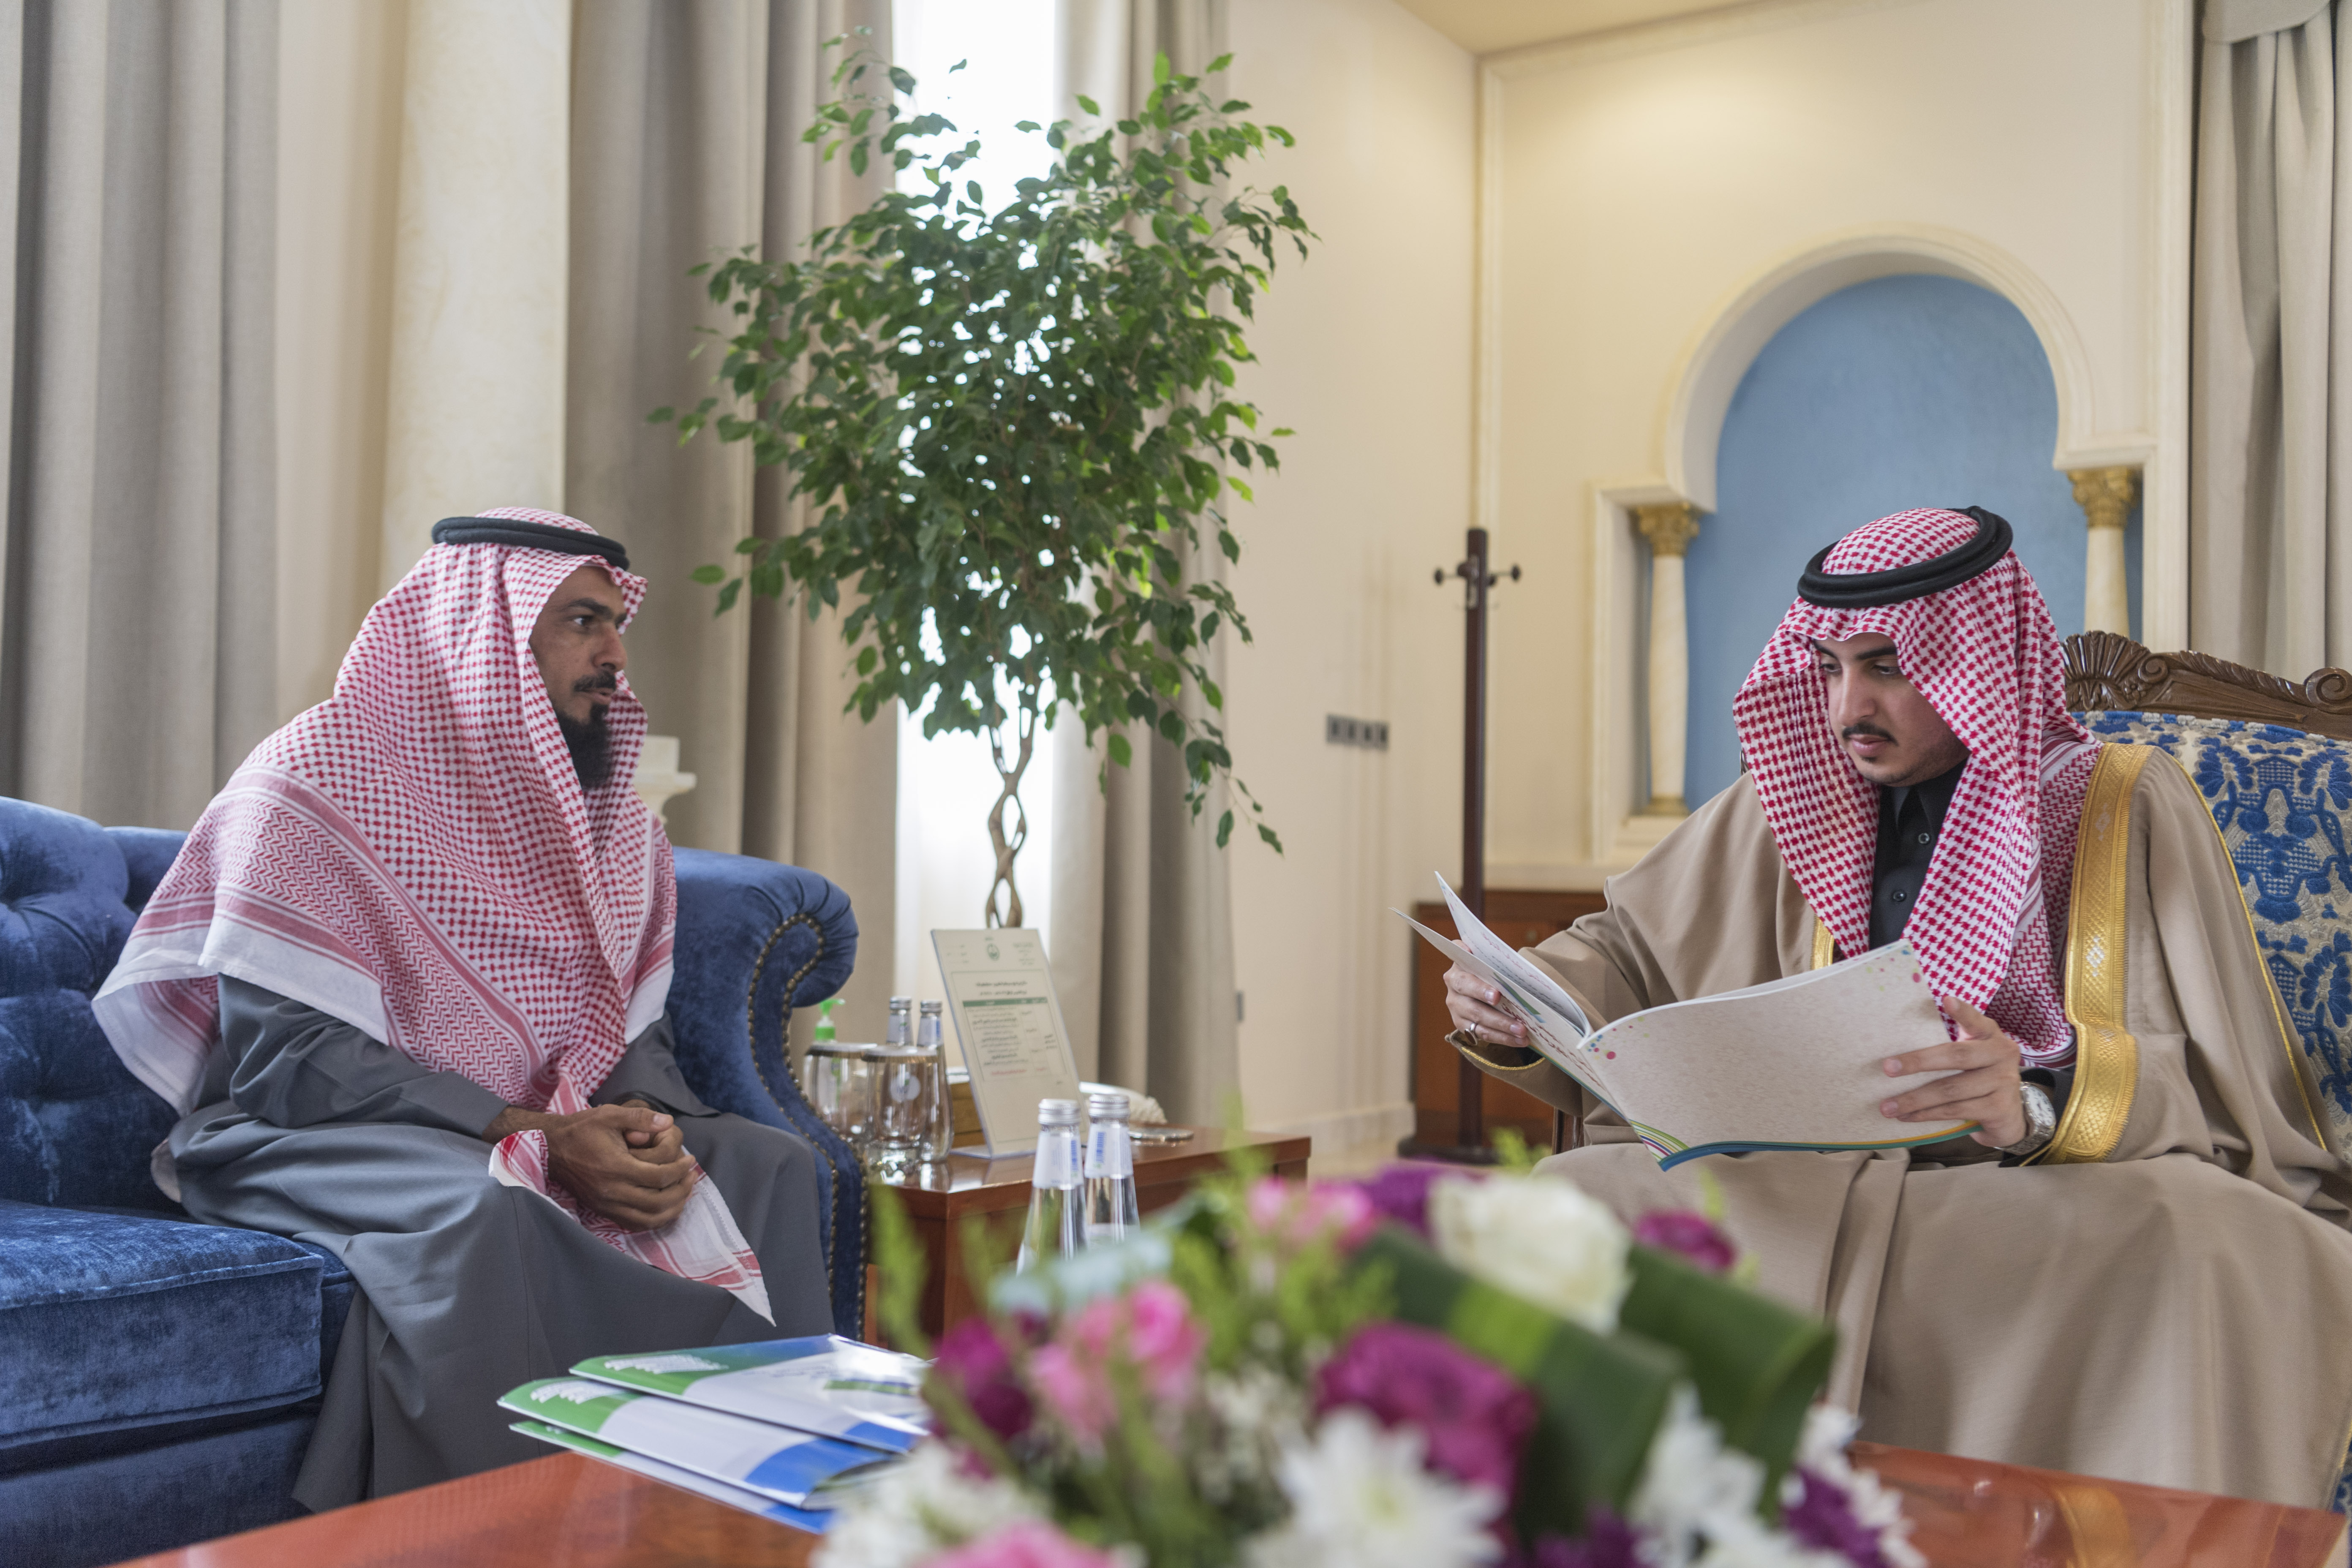 المجلس الأعلى للقضاء يوقّع مذكرة تفاهم مع معهد الإدارة